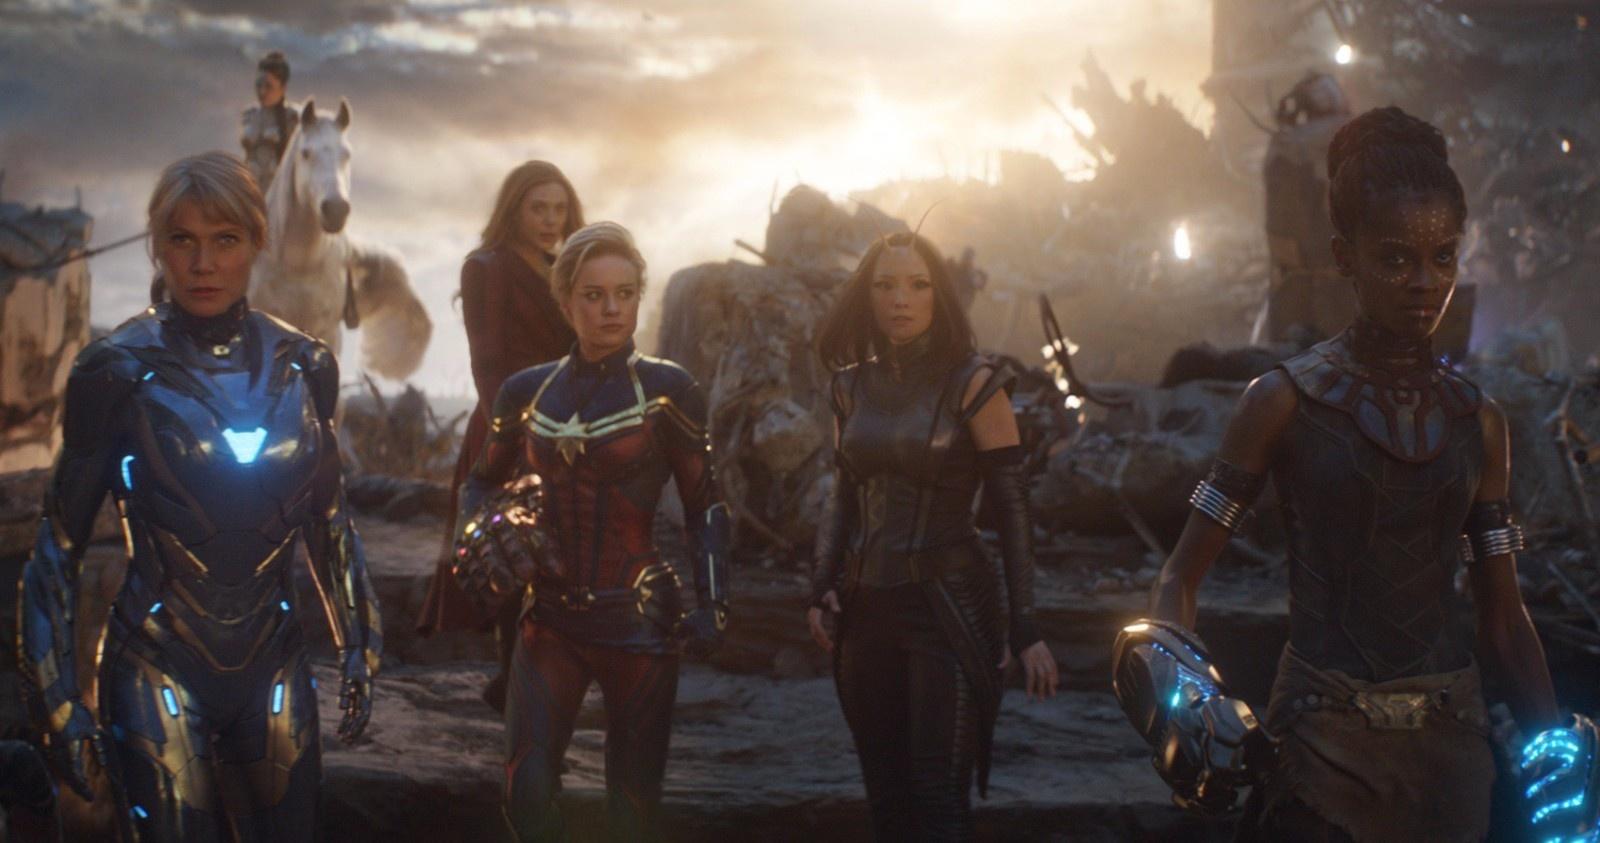 真·妇联!女性英雄《复仇者联盟》有望成为可能_布丽